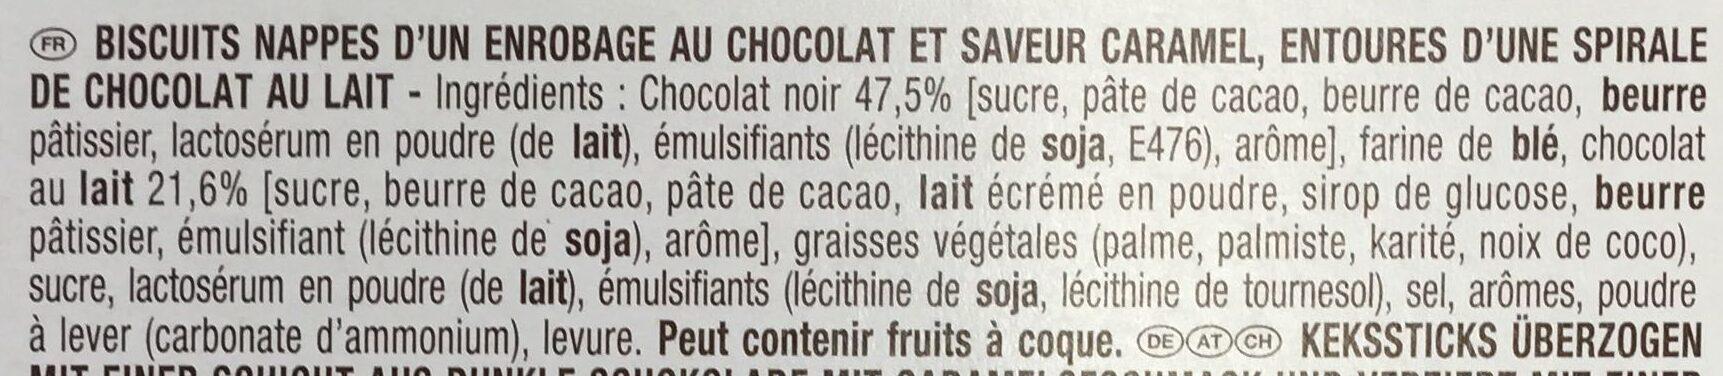 Mikado King Choco chocolat saveur Caramel - Ingrédients - fr